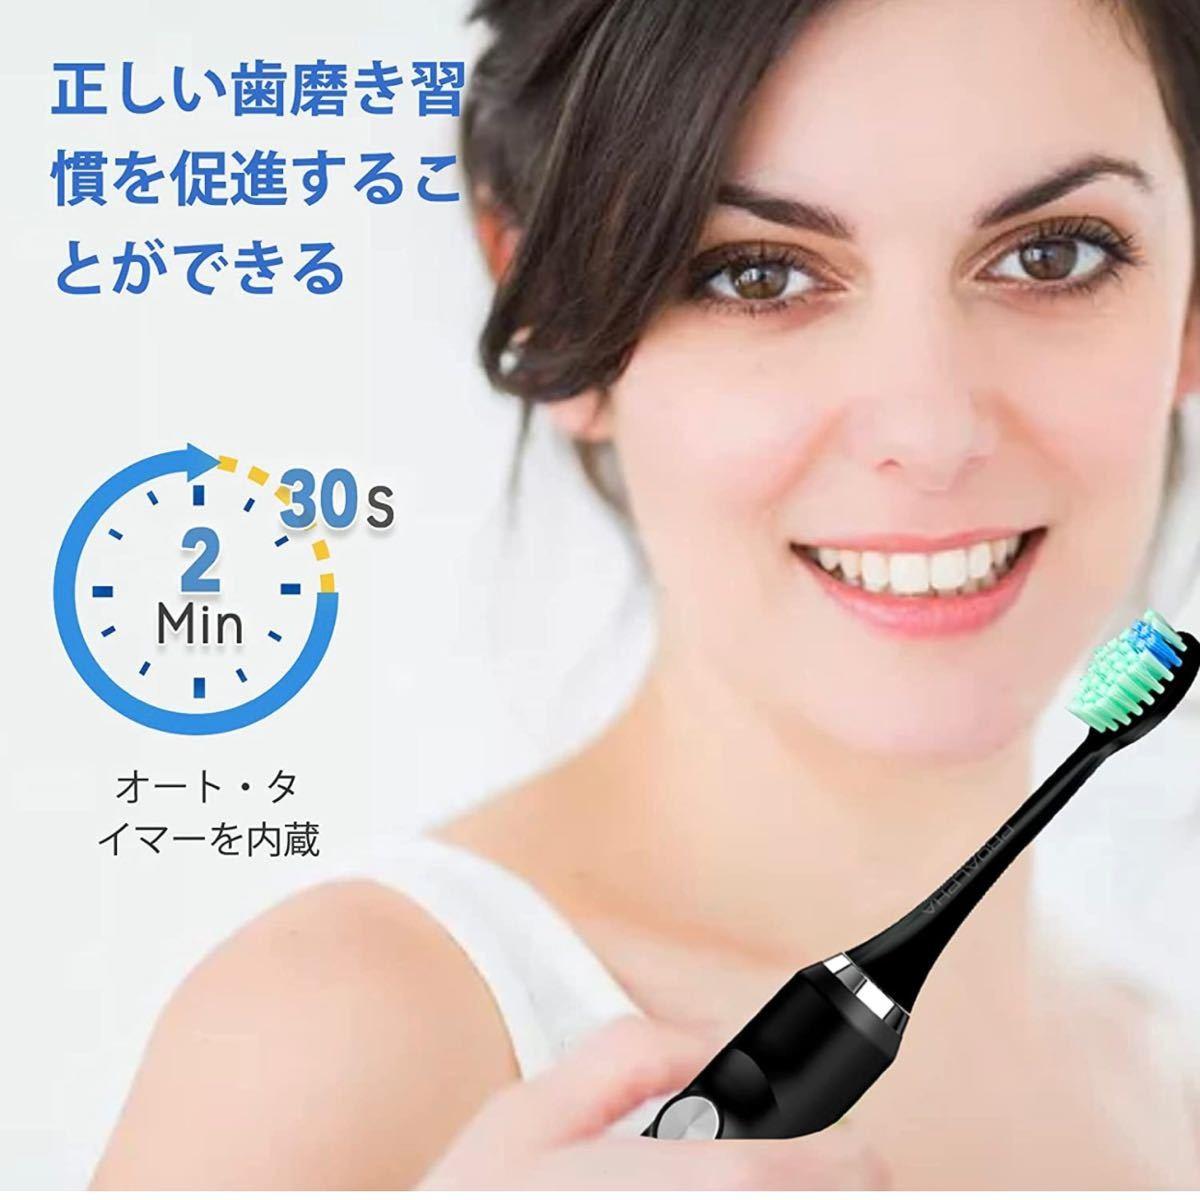 新品 電動歯ブラシ 音波歯ブラシ ソニック USB充電式 IPX7防水 替えブラシ5本